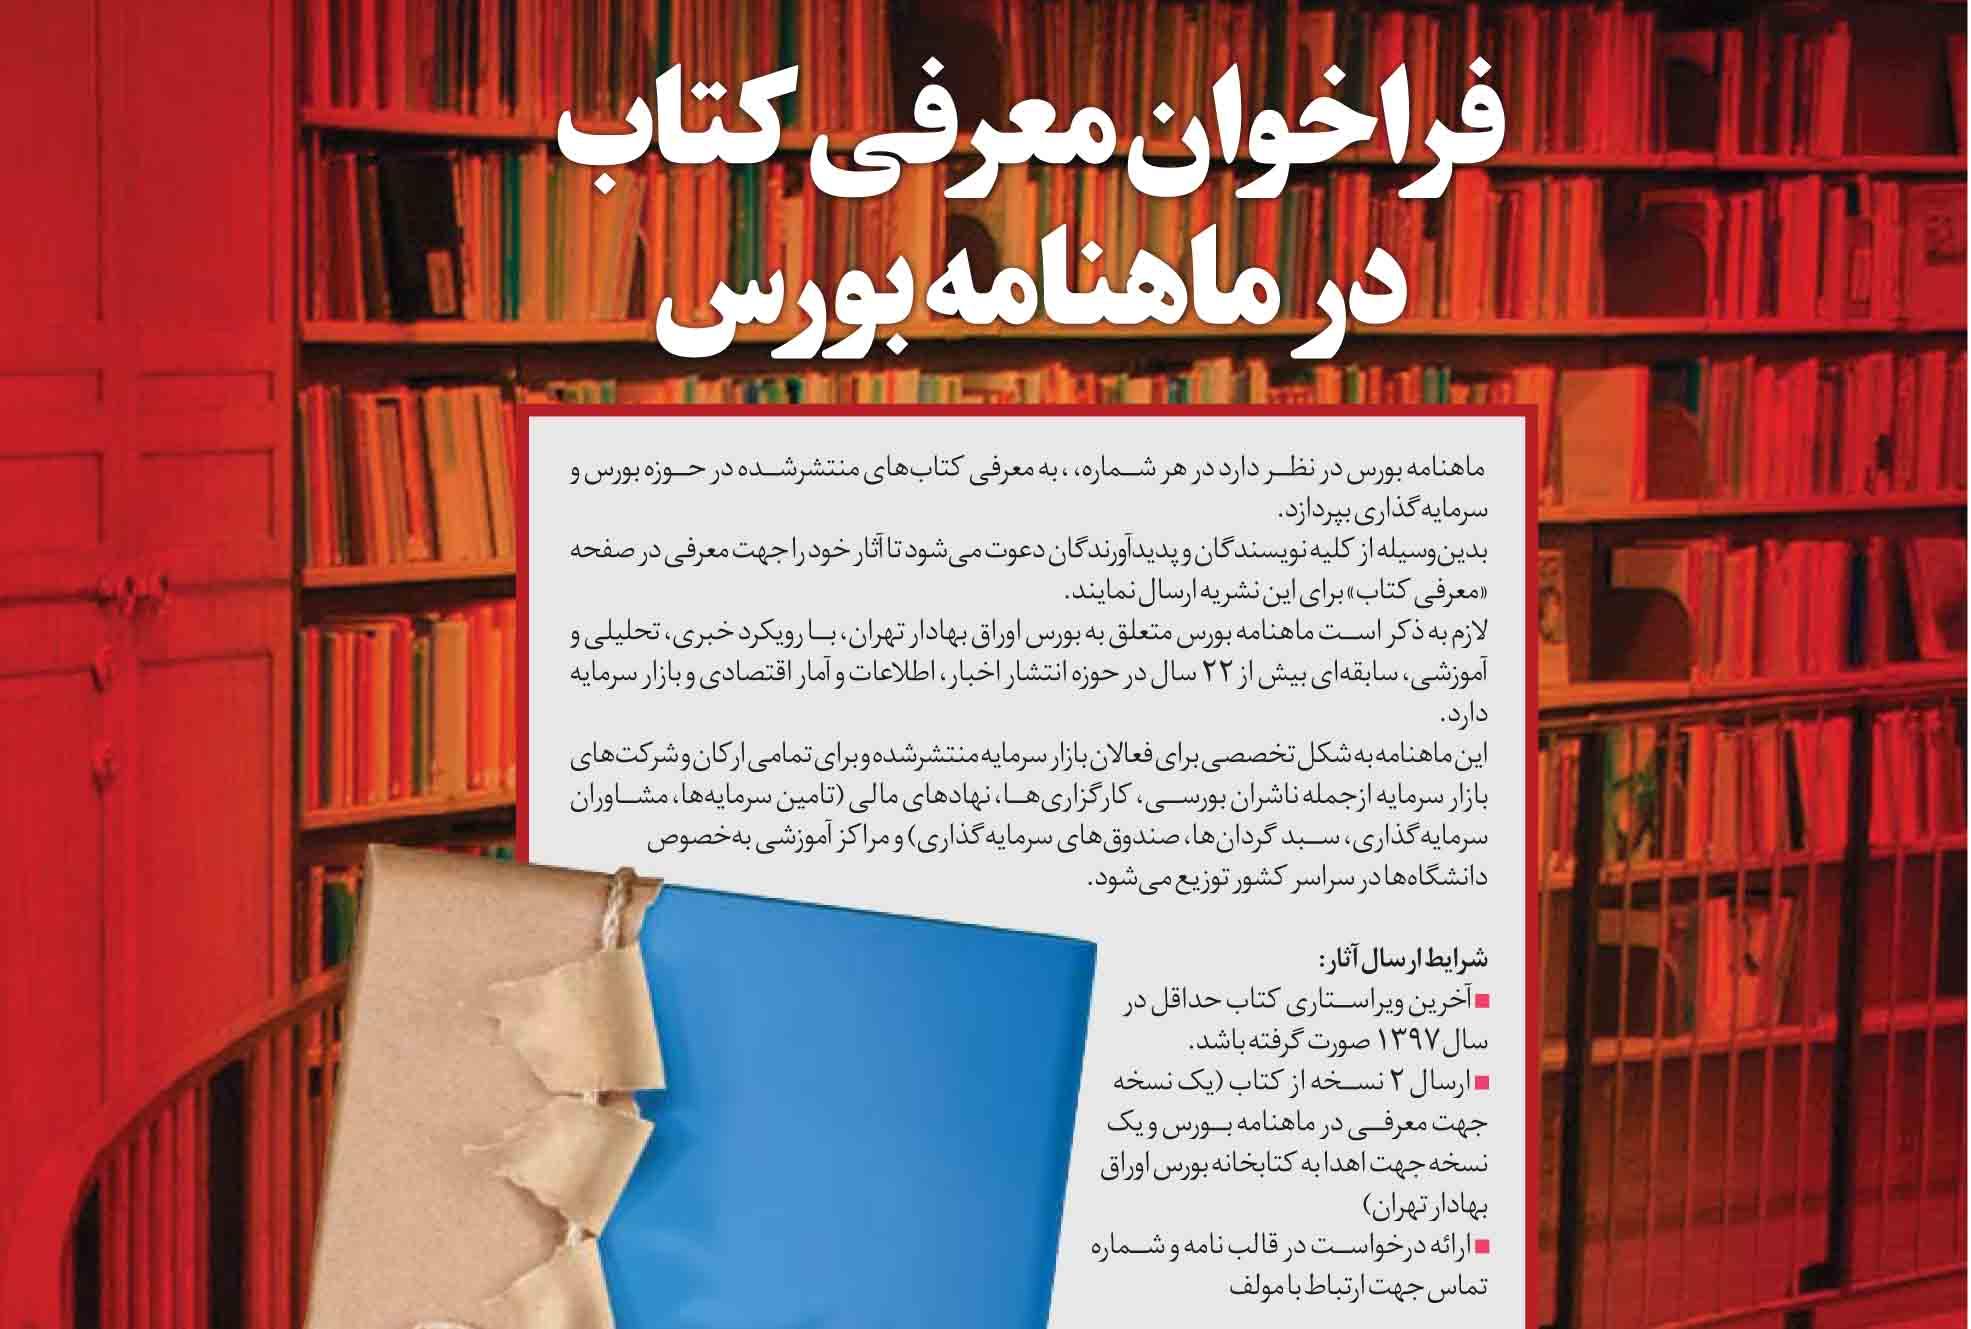 فراخوان معرفی کتاب در ماهنامه بورس